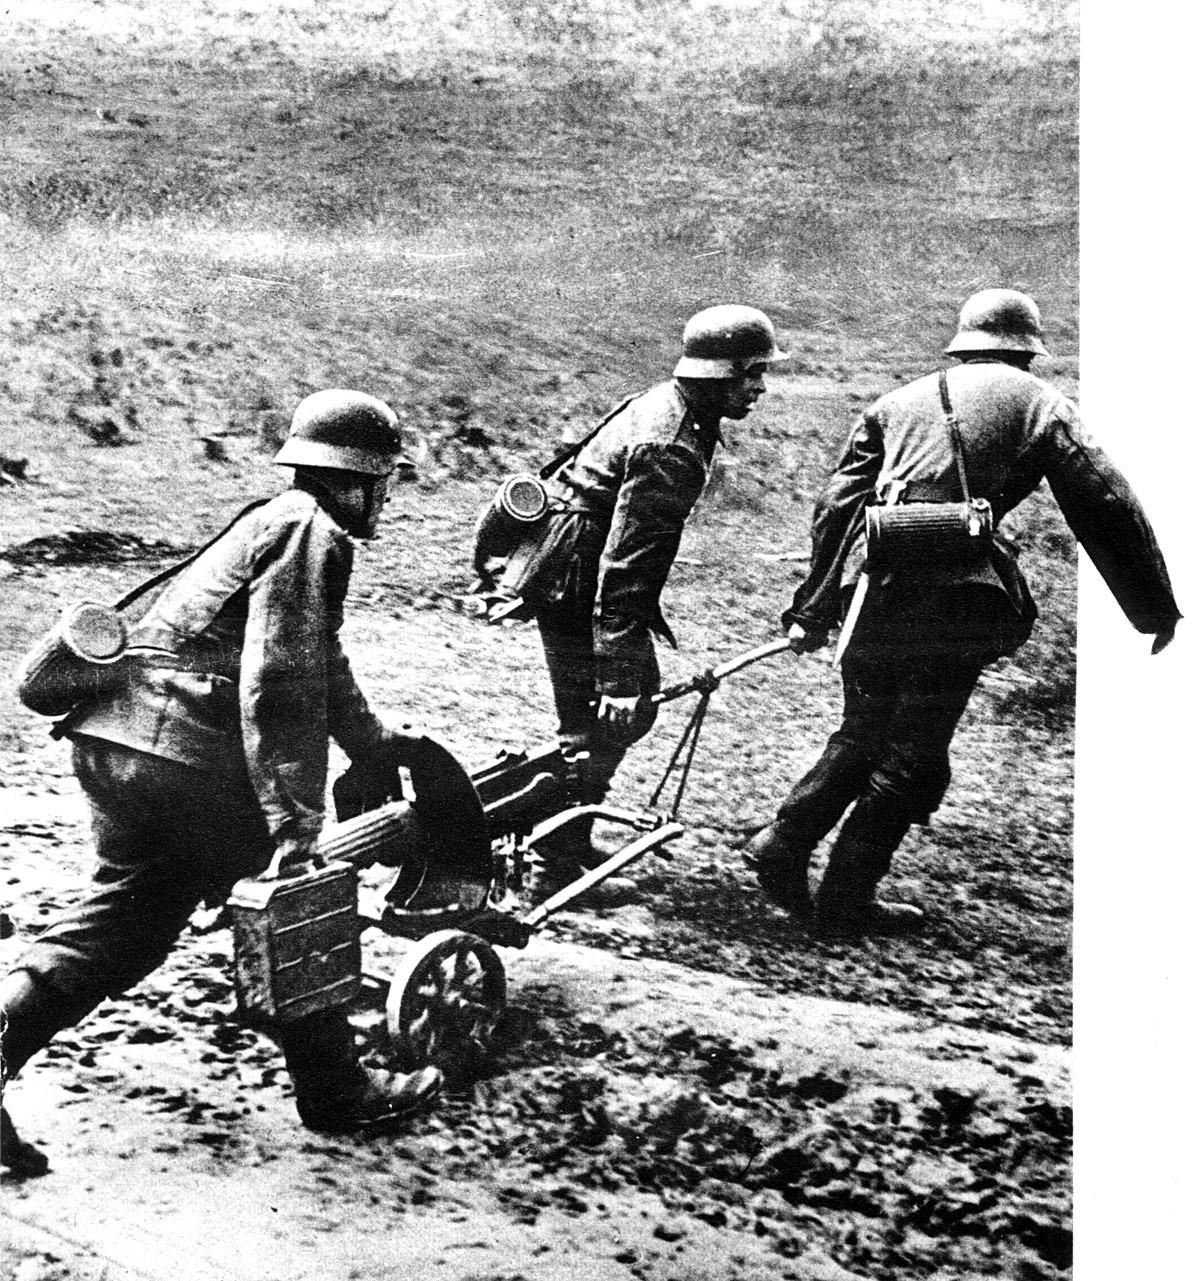 Rusi u njemačkoj vojsci, Istočni front 1941.-1945. Detalj njemačkog propagandnog plakata.